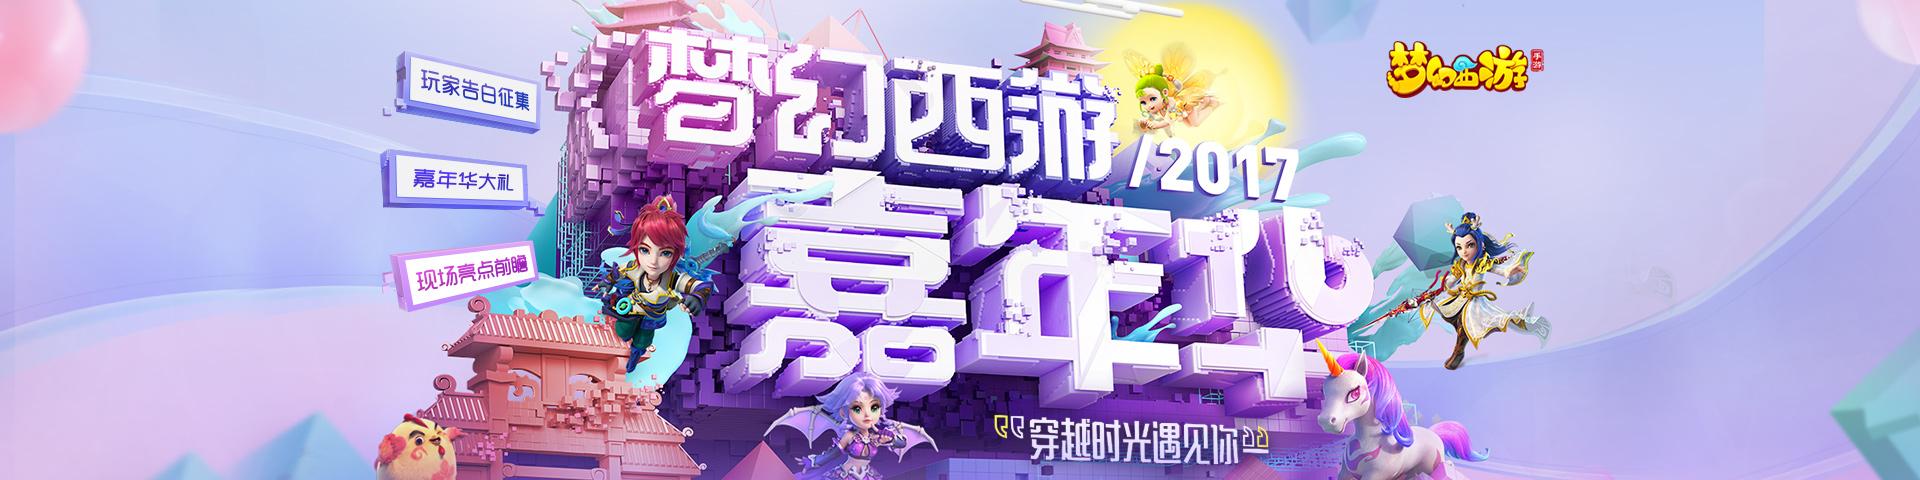 鸿雁传情:梦幻西游2017嘉年华抽奖券今日寄出